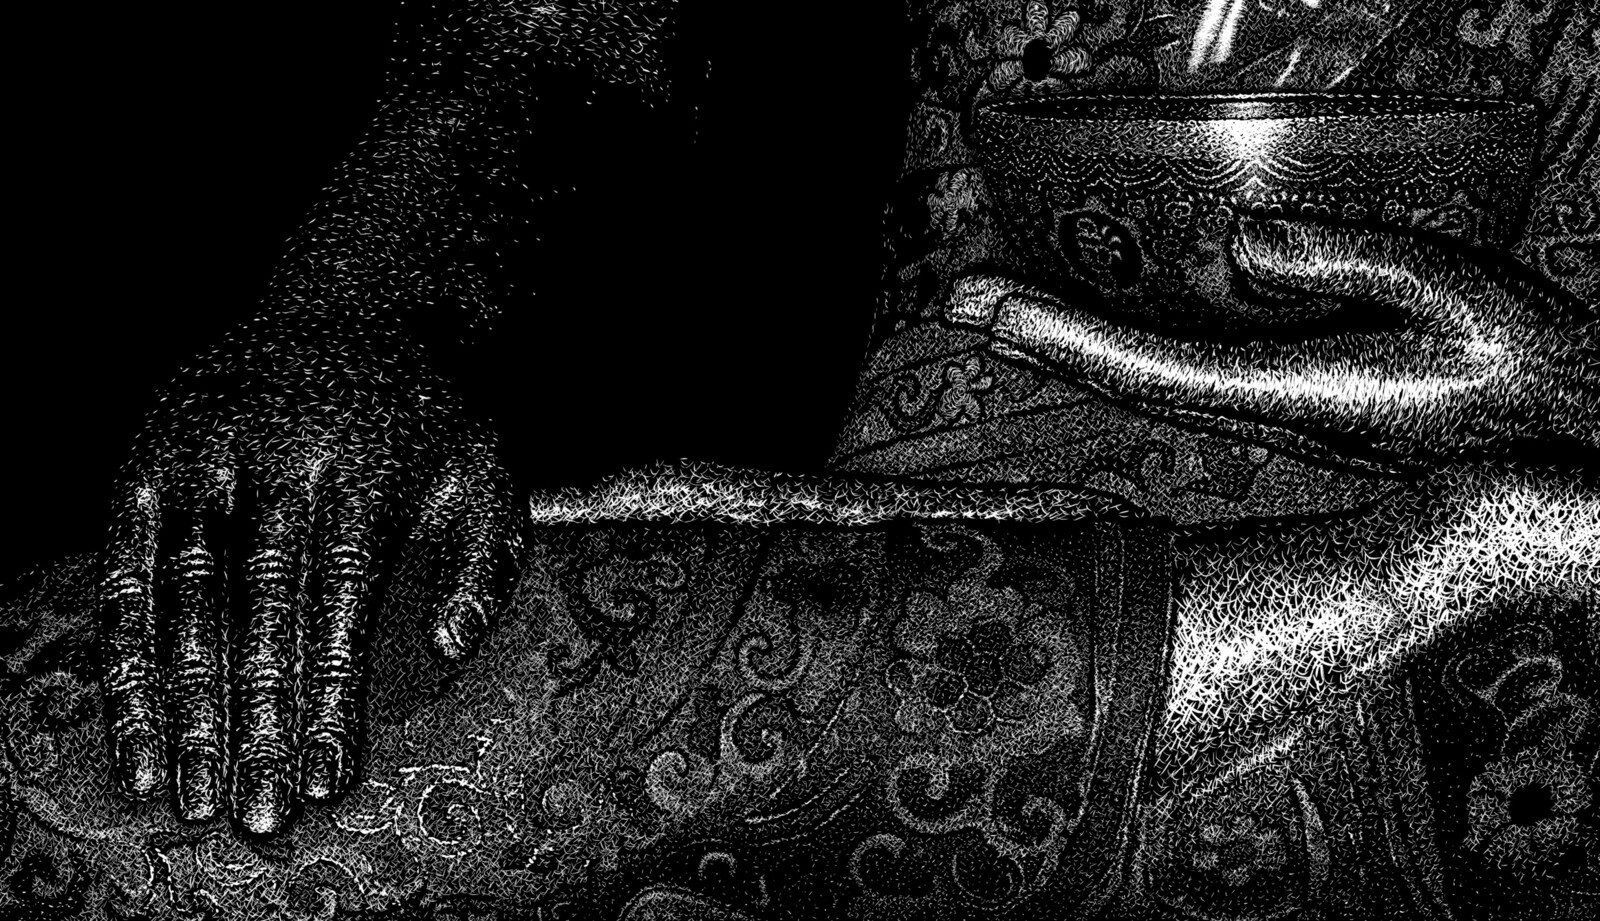 Buddha, hands close-up Digital scratchboard, june 2019